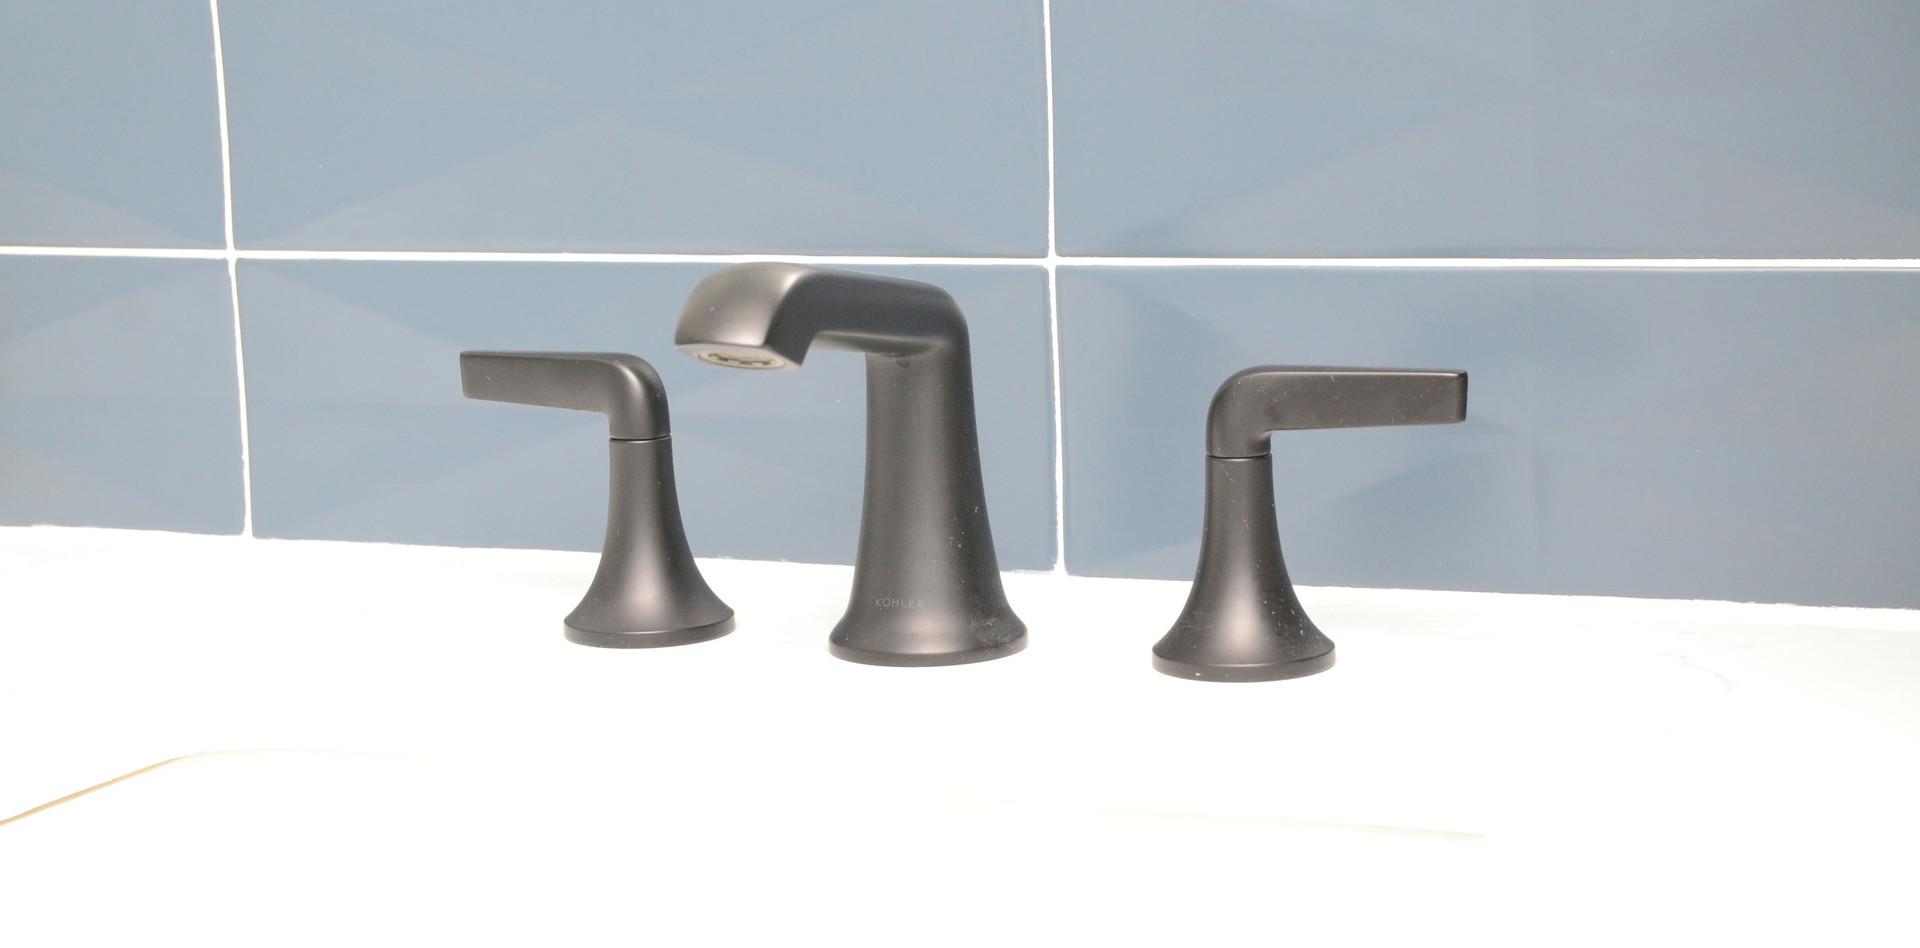 plumbing_fixtures.jpg